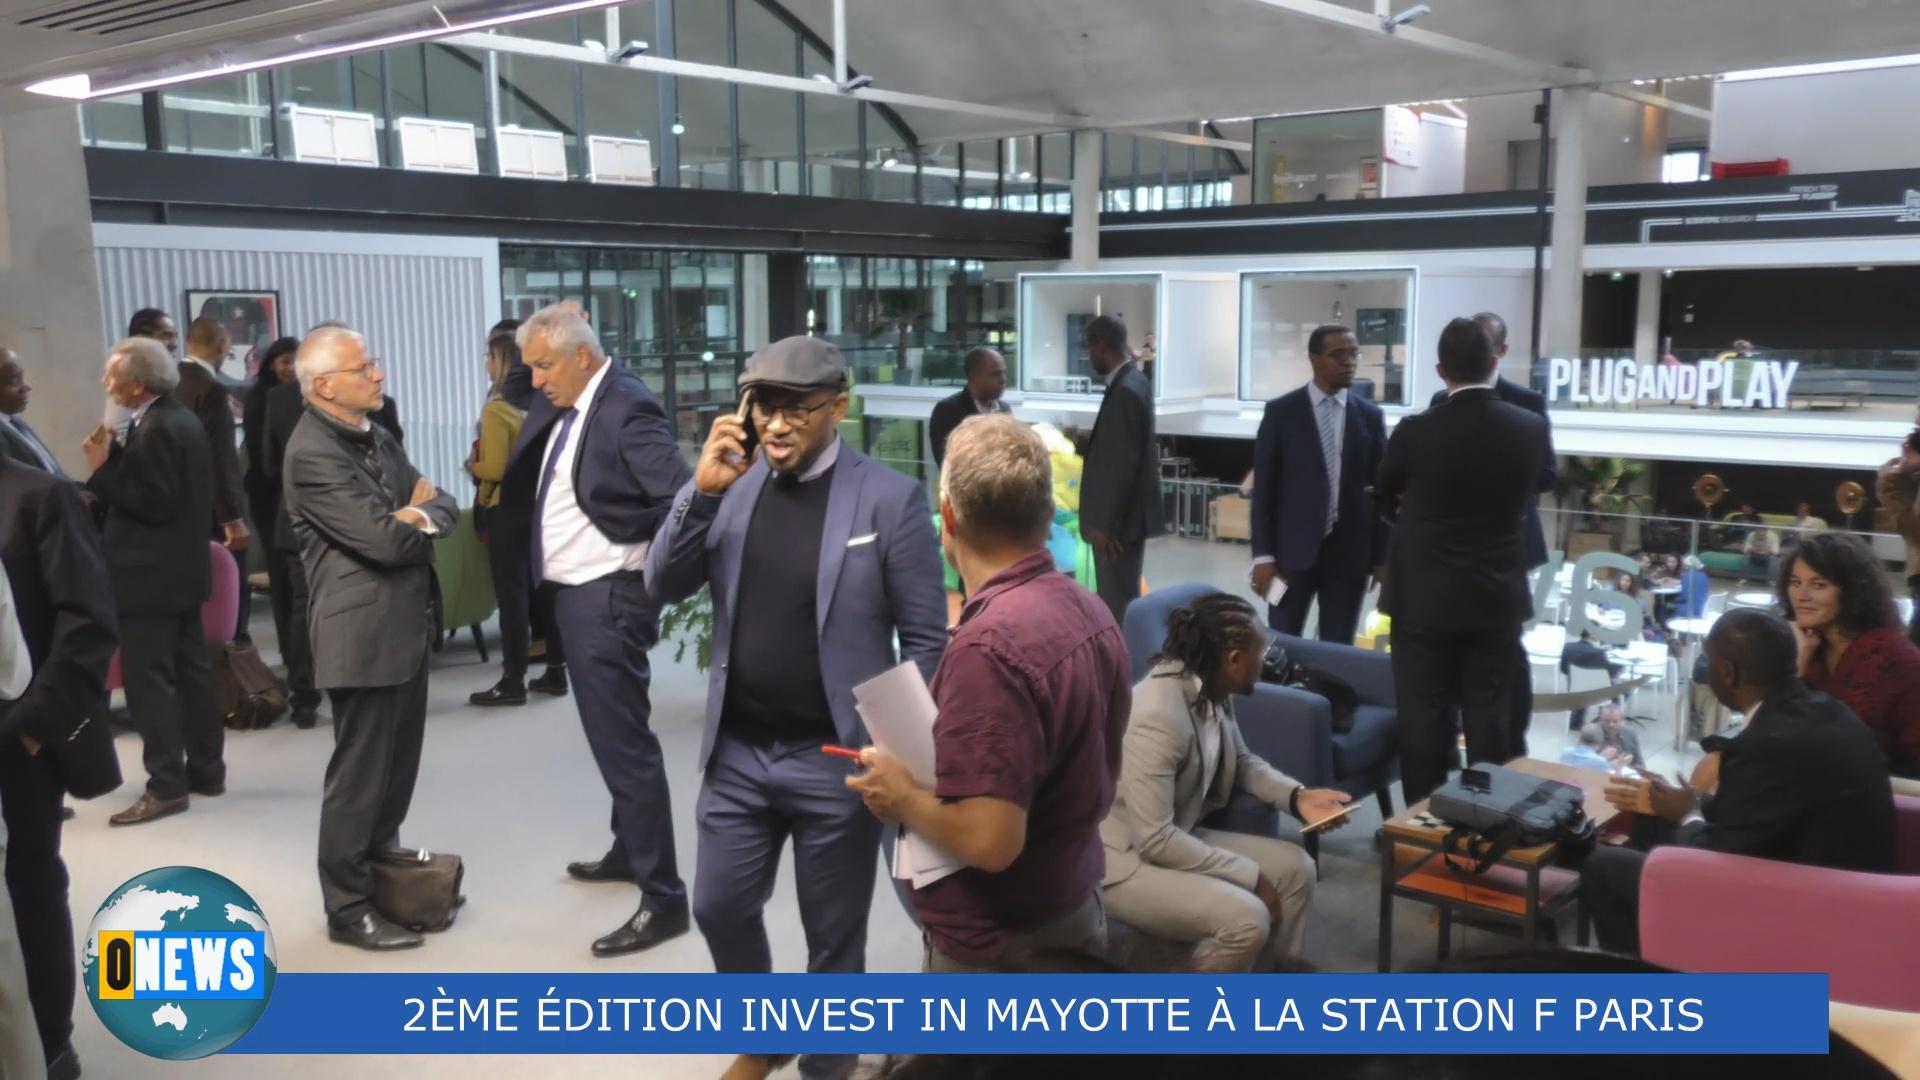 [Vidéo] HEXAGONE.  2ème édition INVEST IN MAYOTTE mercredi 25 septembre à la Station F Paris.